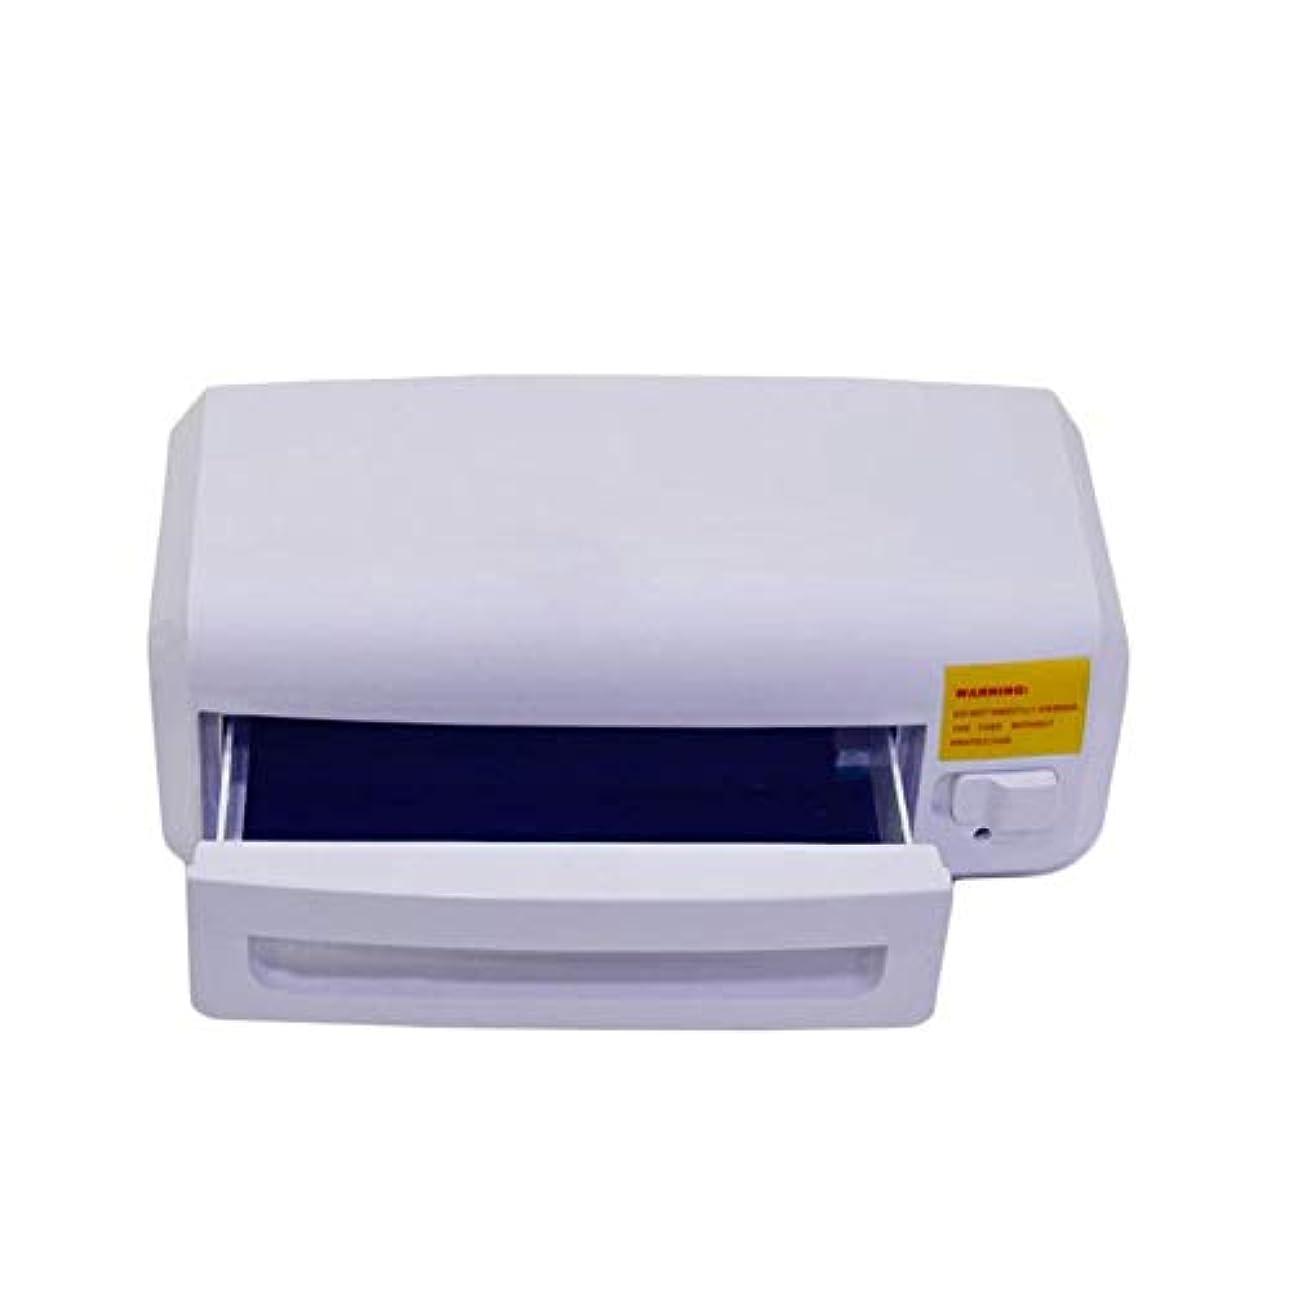 グレードバルク成分ネイル滅菌装置8ワット消毒機UVタオル消毒キャビネットマニキュア美容ツールUV滅菌サロン消毒機